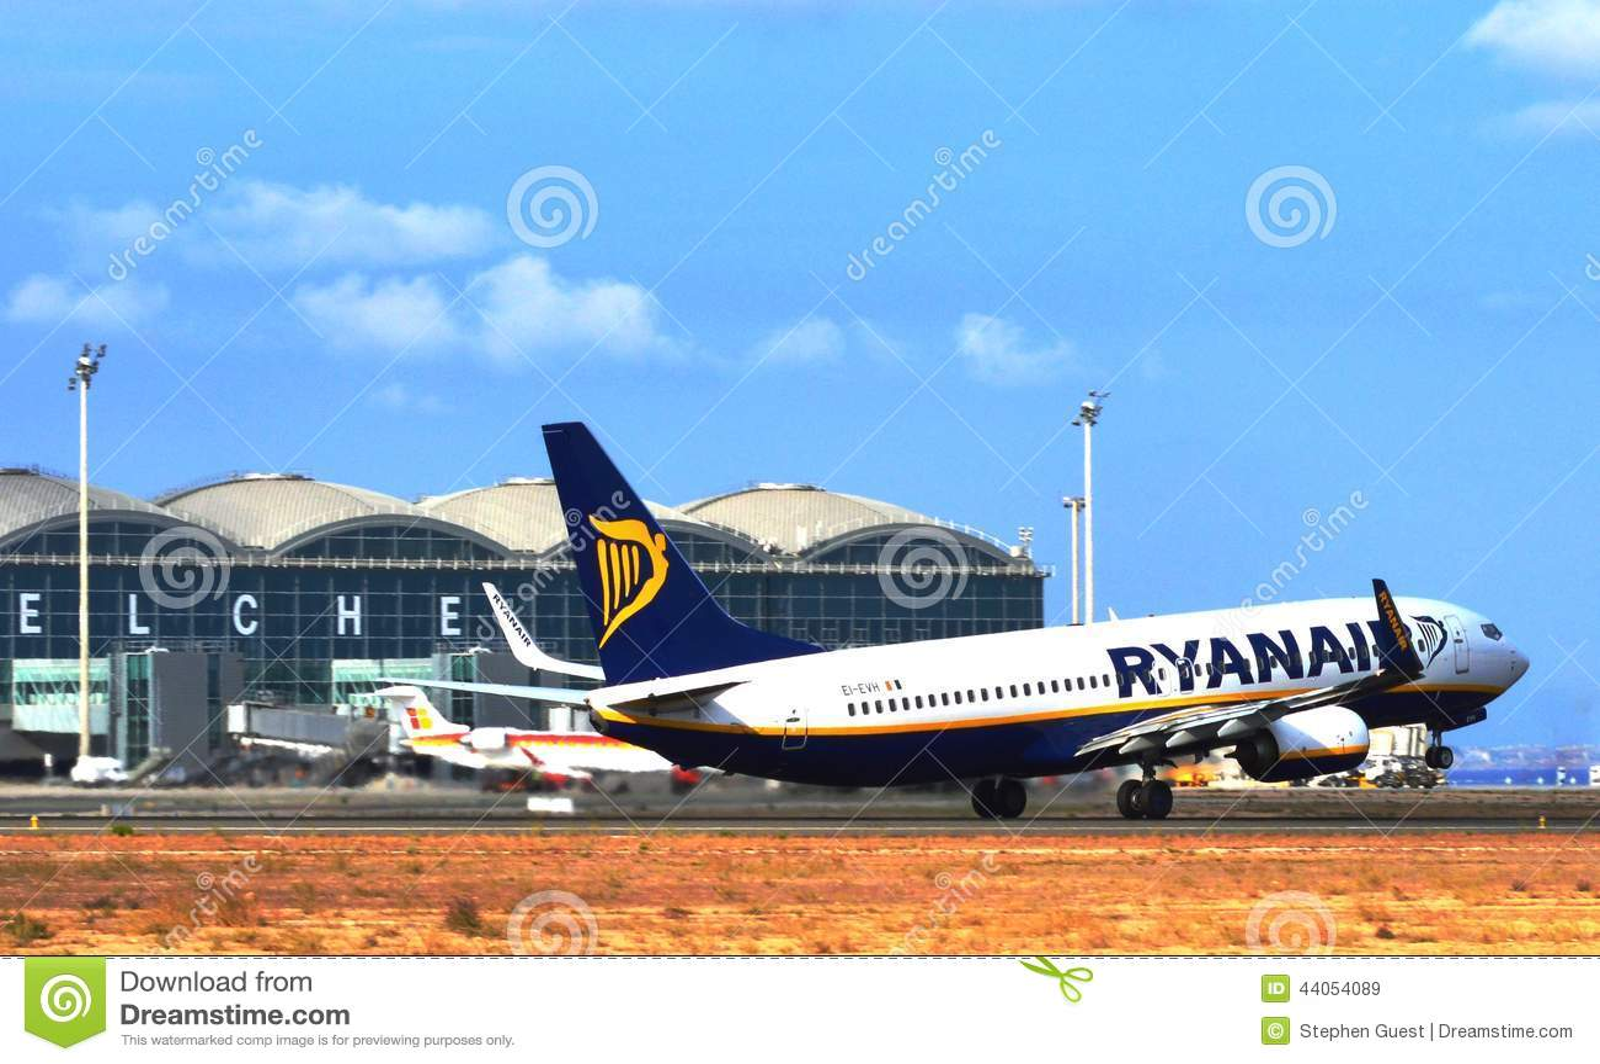 flight alicante benidorm: